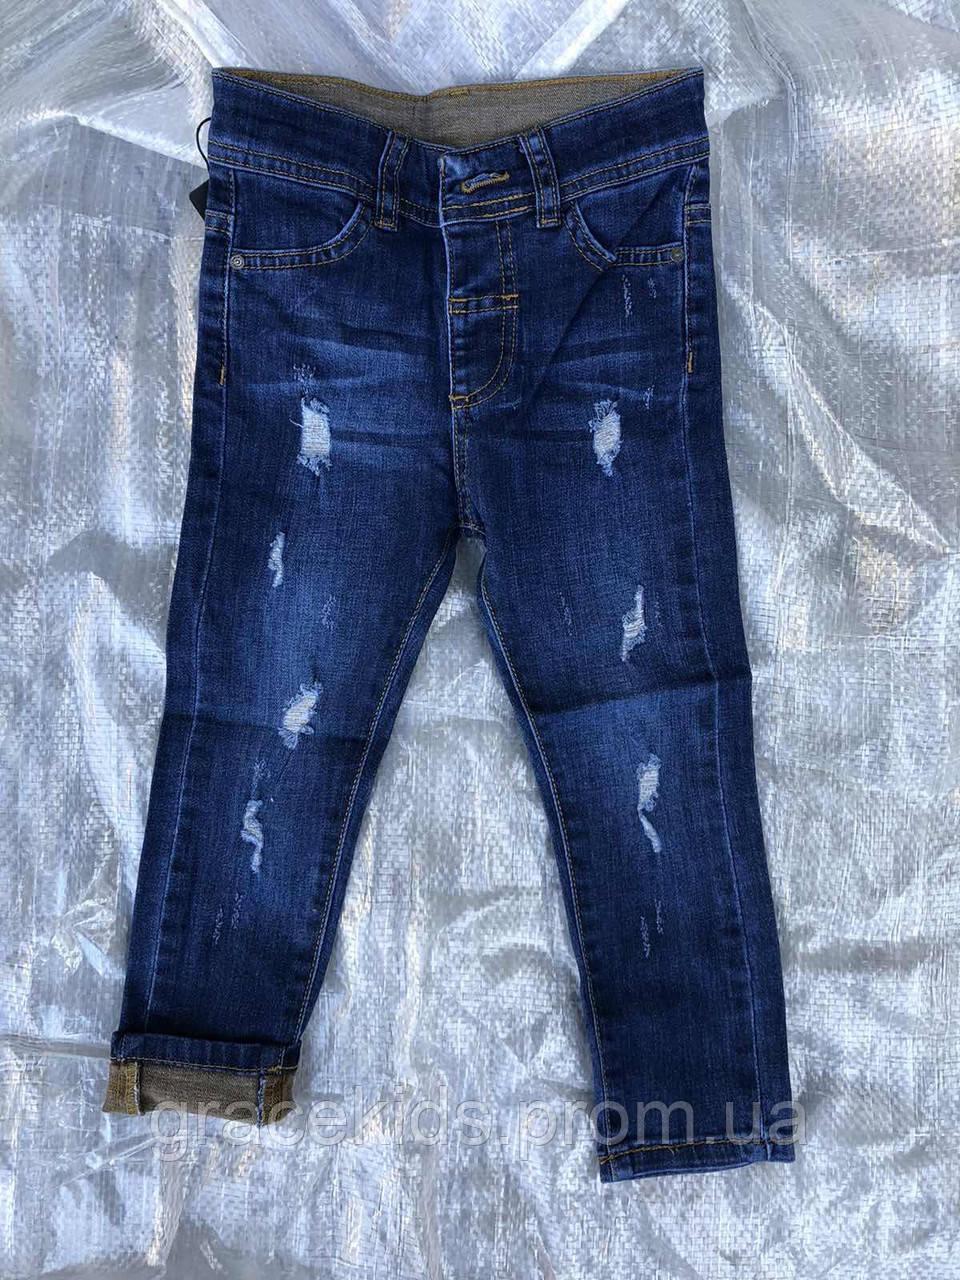 Дитячі турецькі джинси для хлопчиків Cool Finish,розм 3-8 років